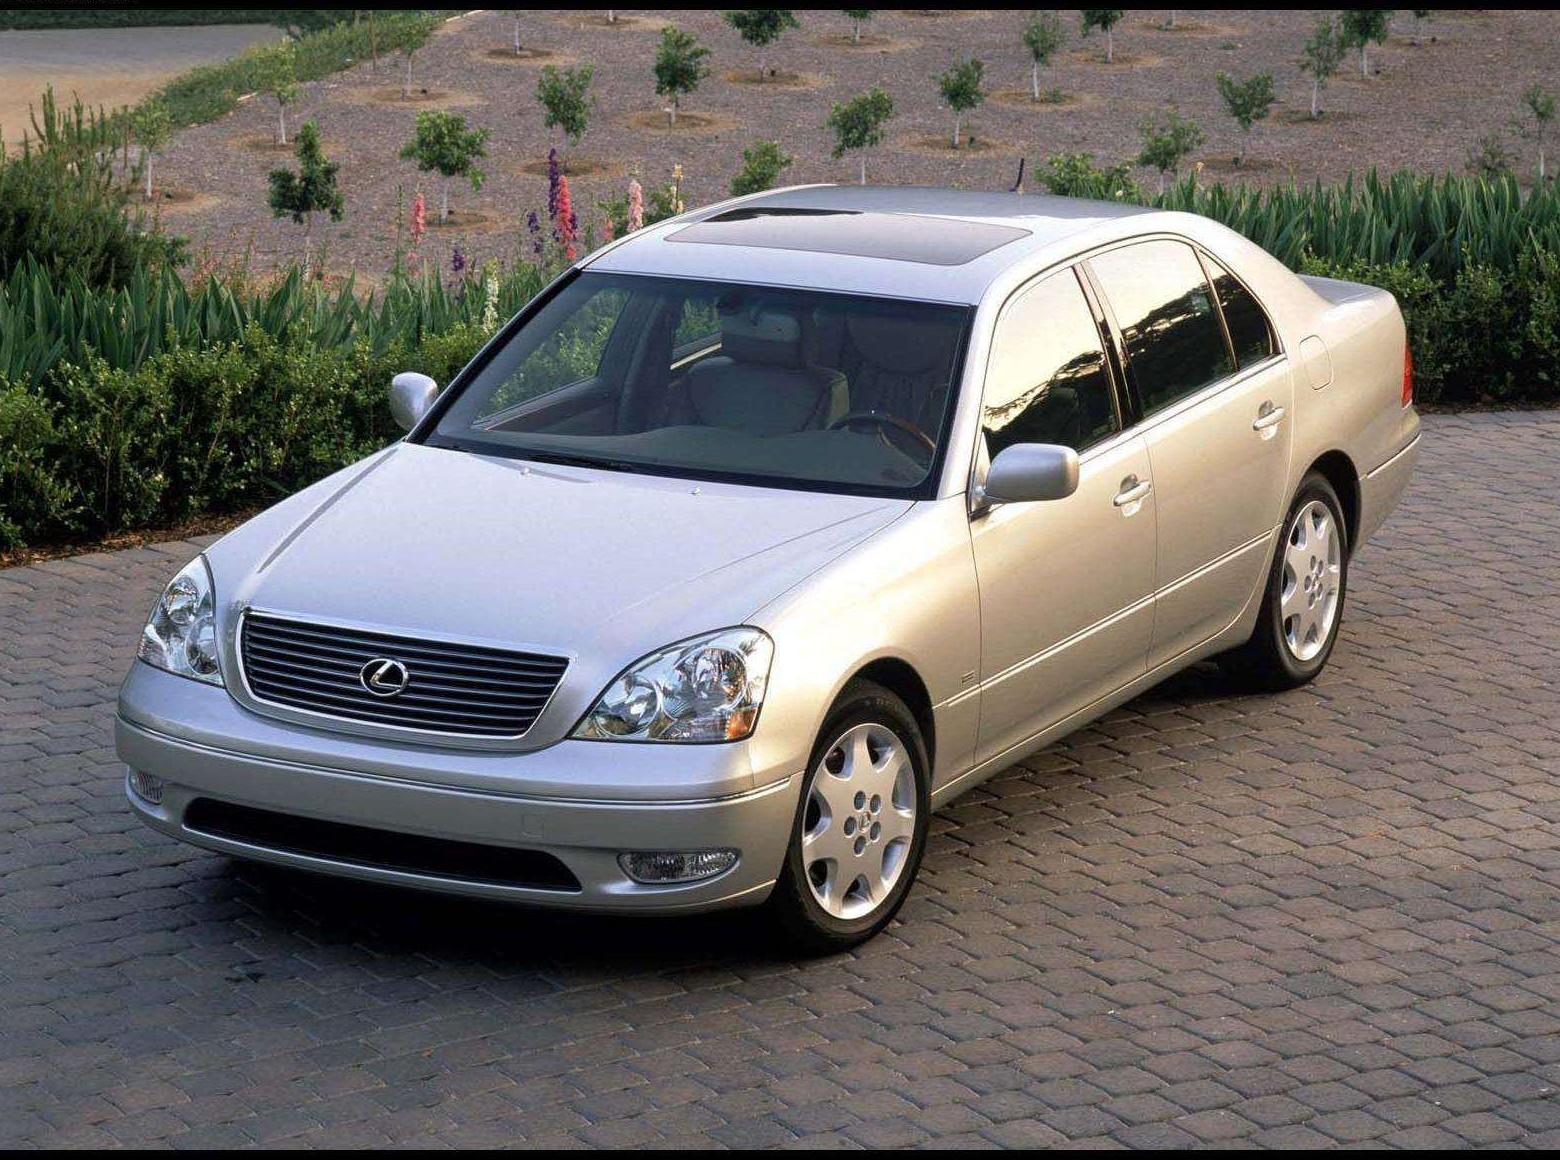 http://4.bp.blogspot.com/-aU98FYEuFvU/UVgHEmM1rqI/AAAAAAAACFw/h5n2cCM1H9A/s1600/Lexus-LS430_2002_1600x1200_wallpaper_04.jpg